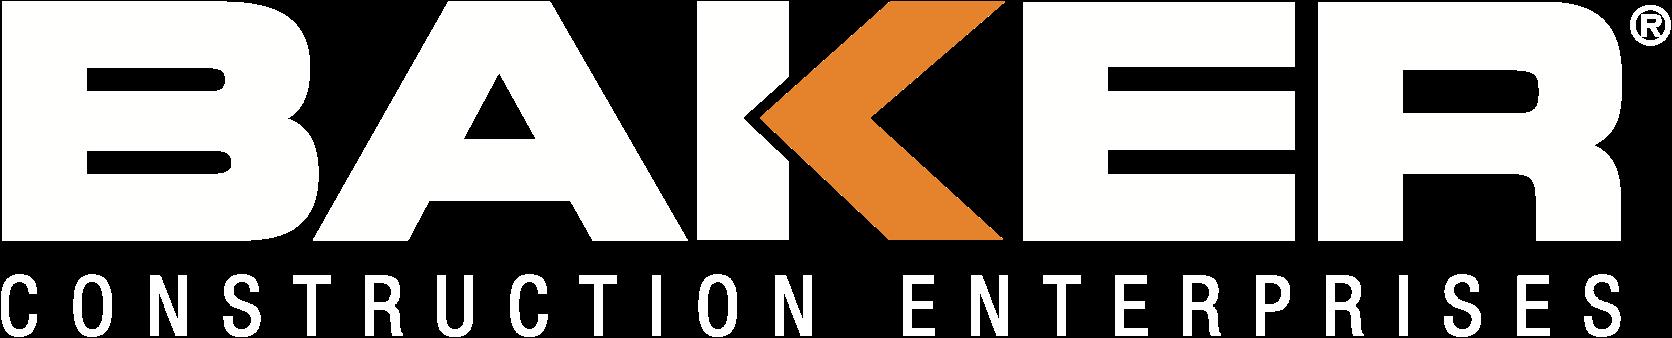 Baker construction enterprises